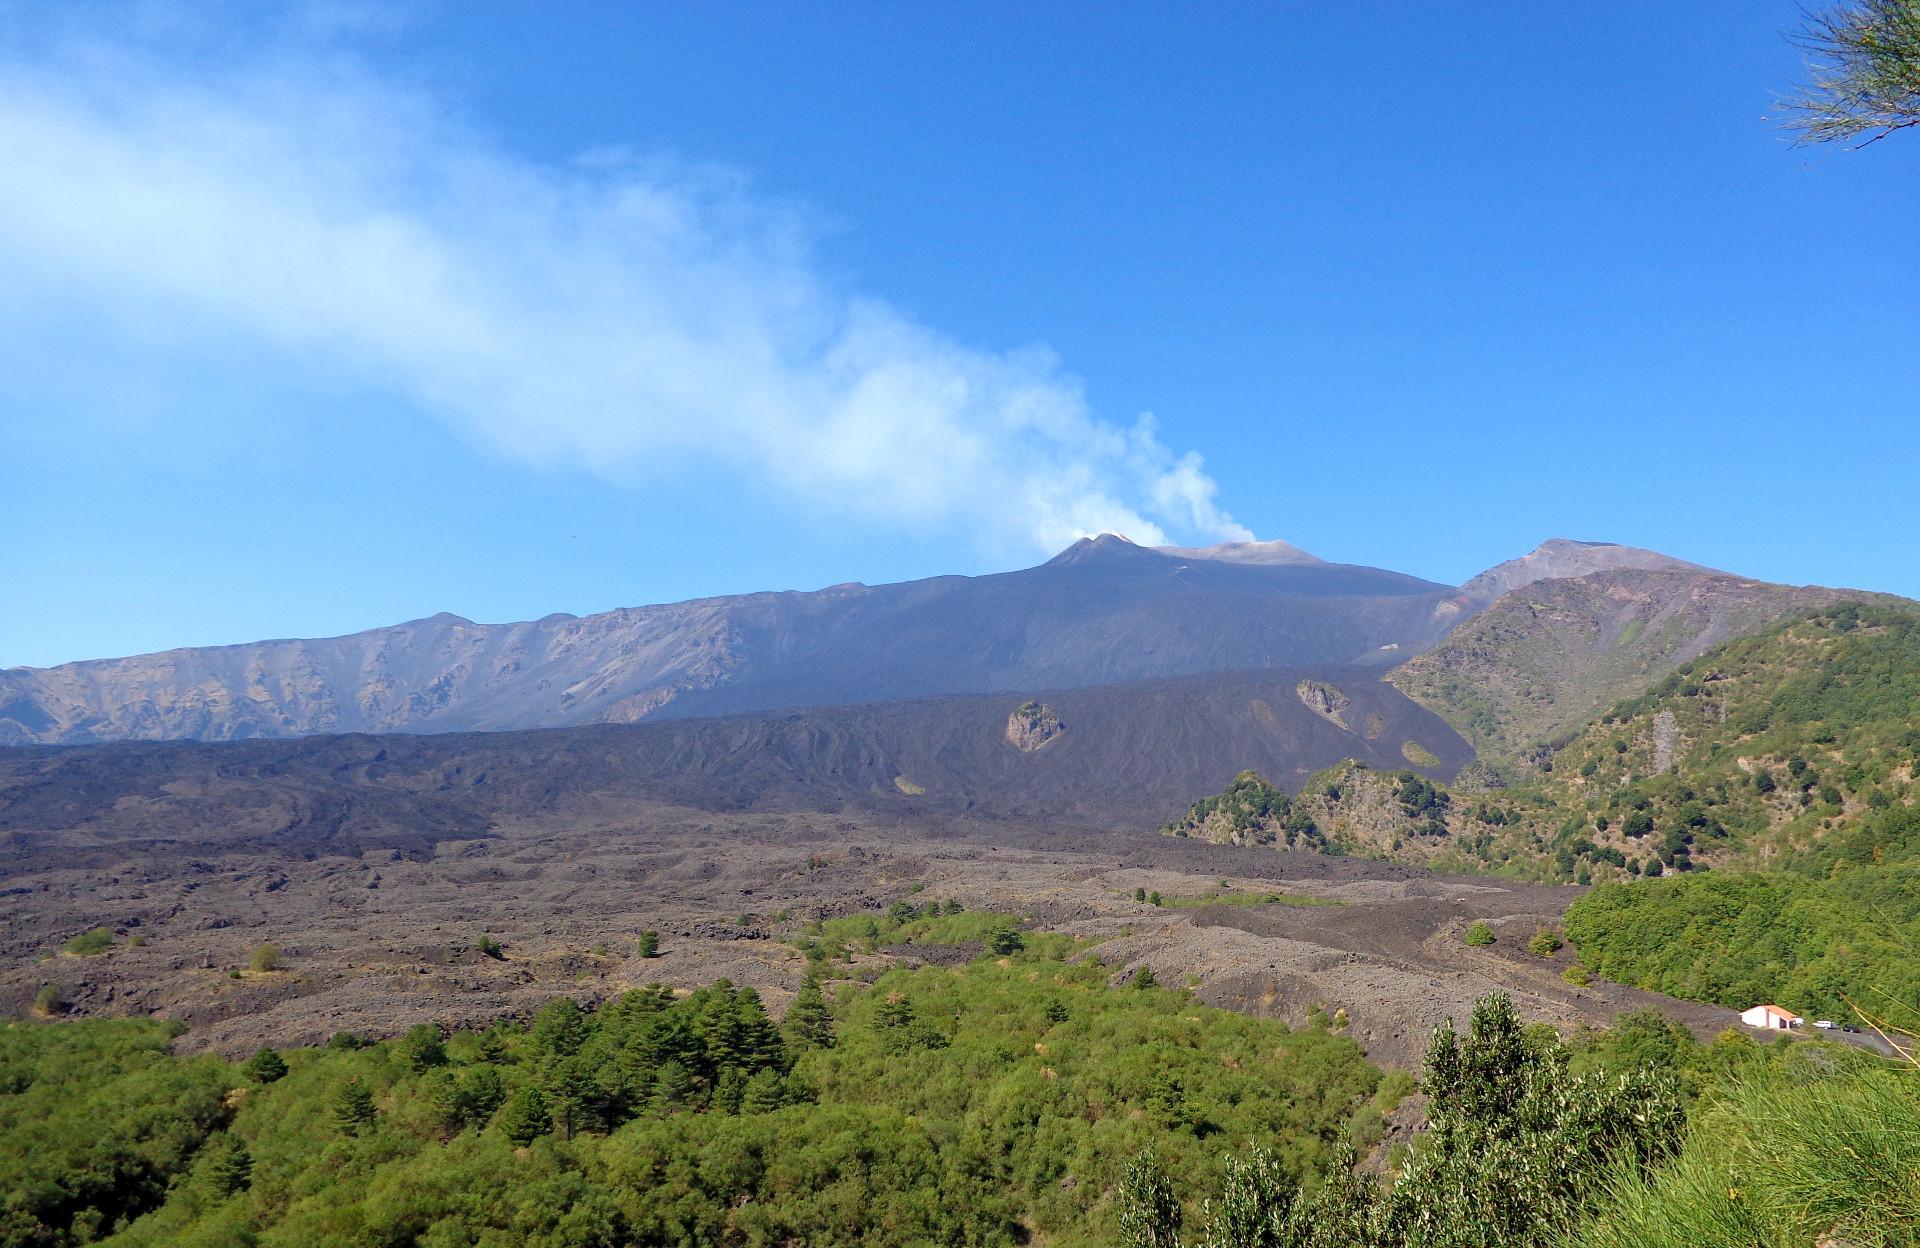 Етна, долината Вале дел Бове